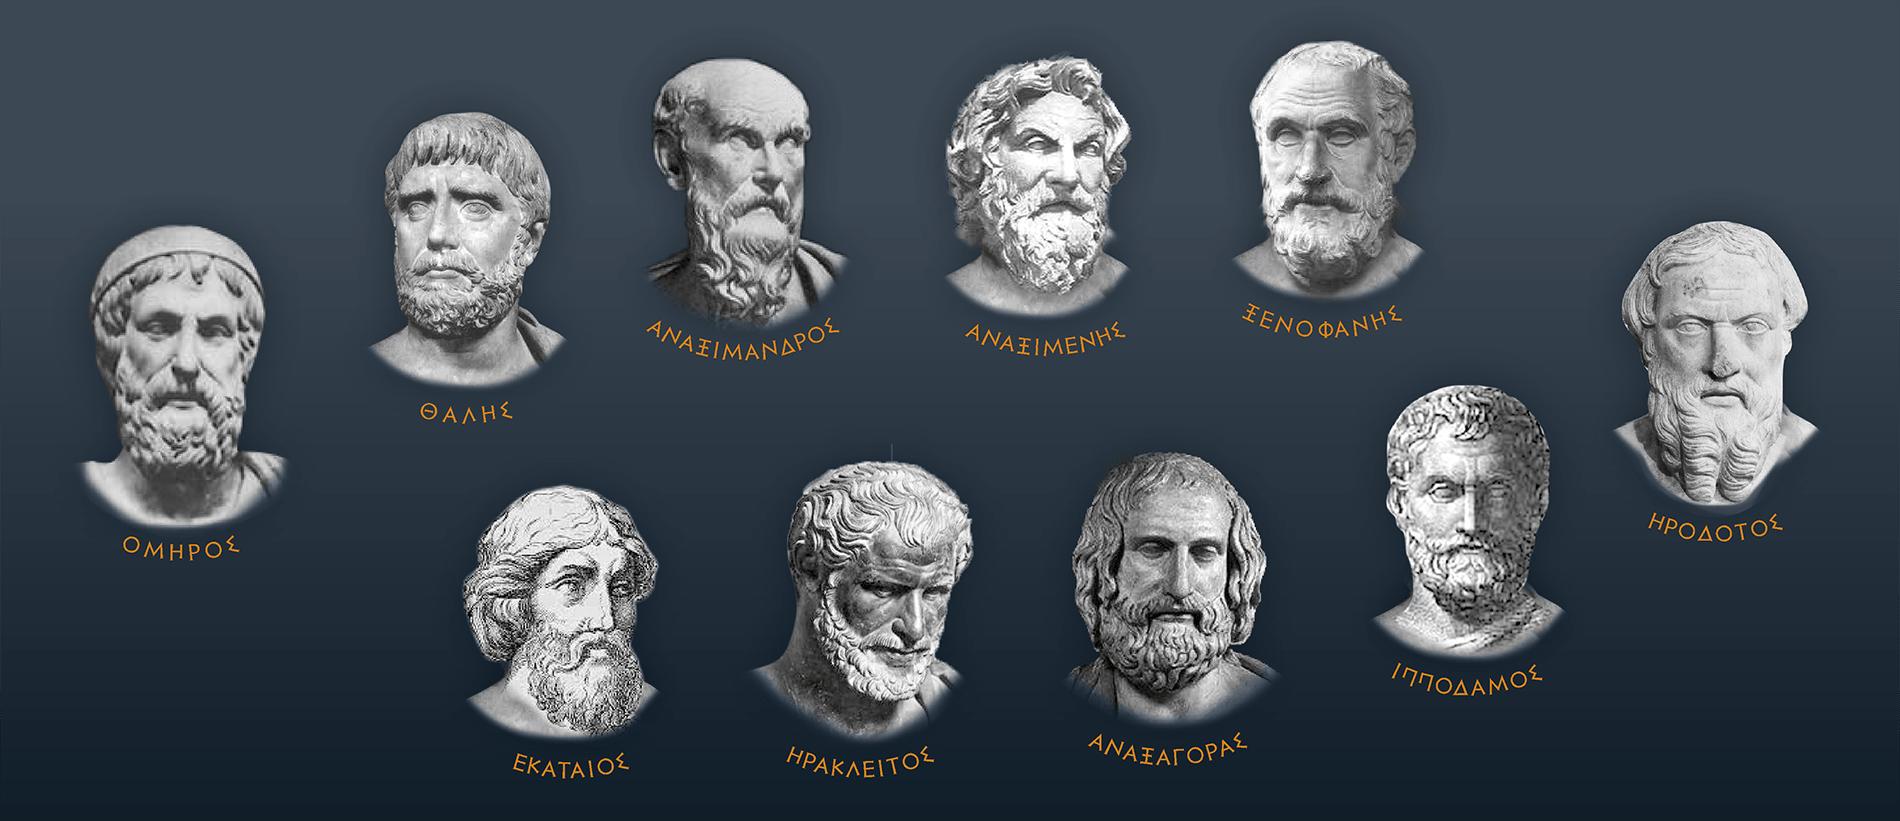 Προσωκρατικοί Φιλόσοφοι